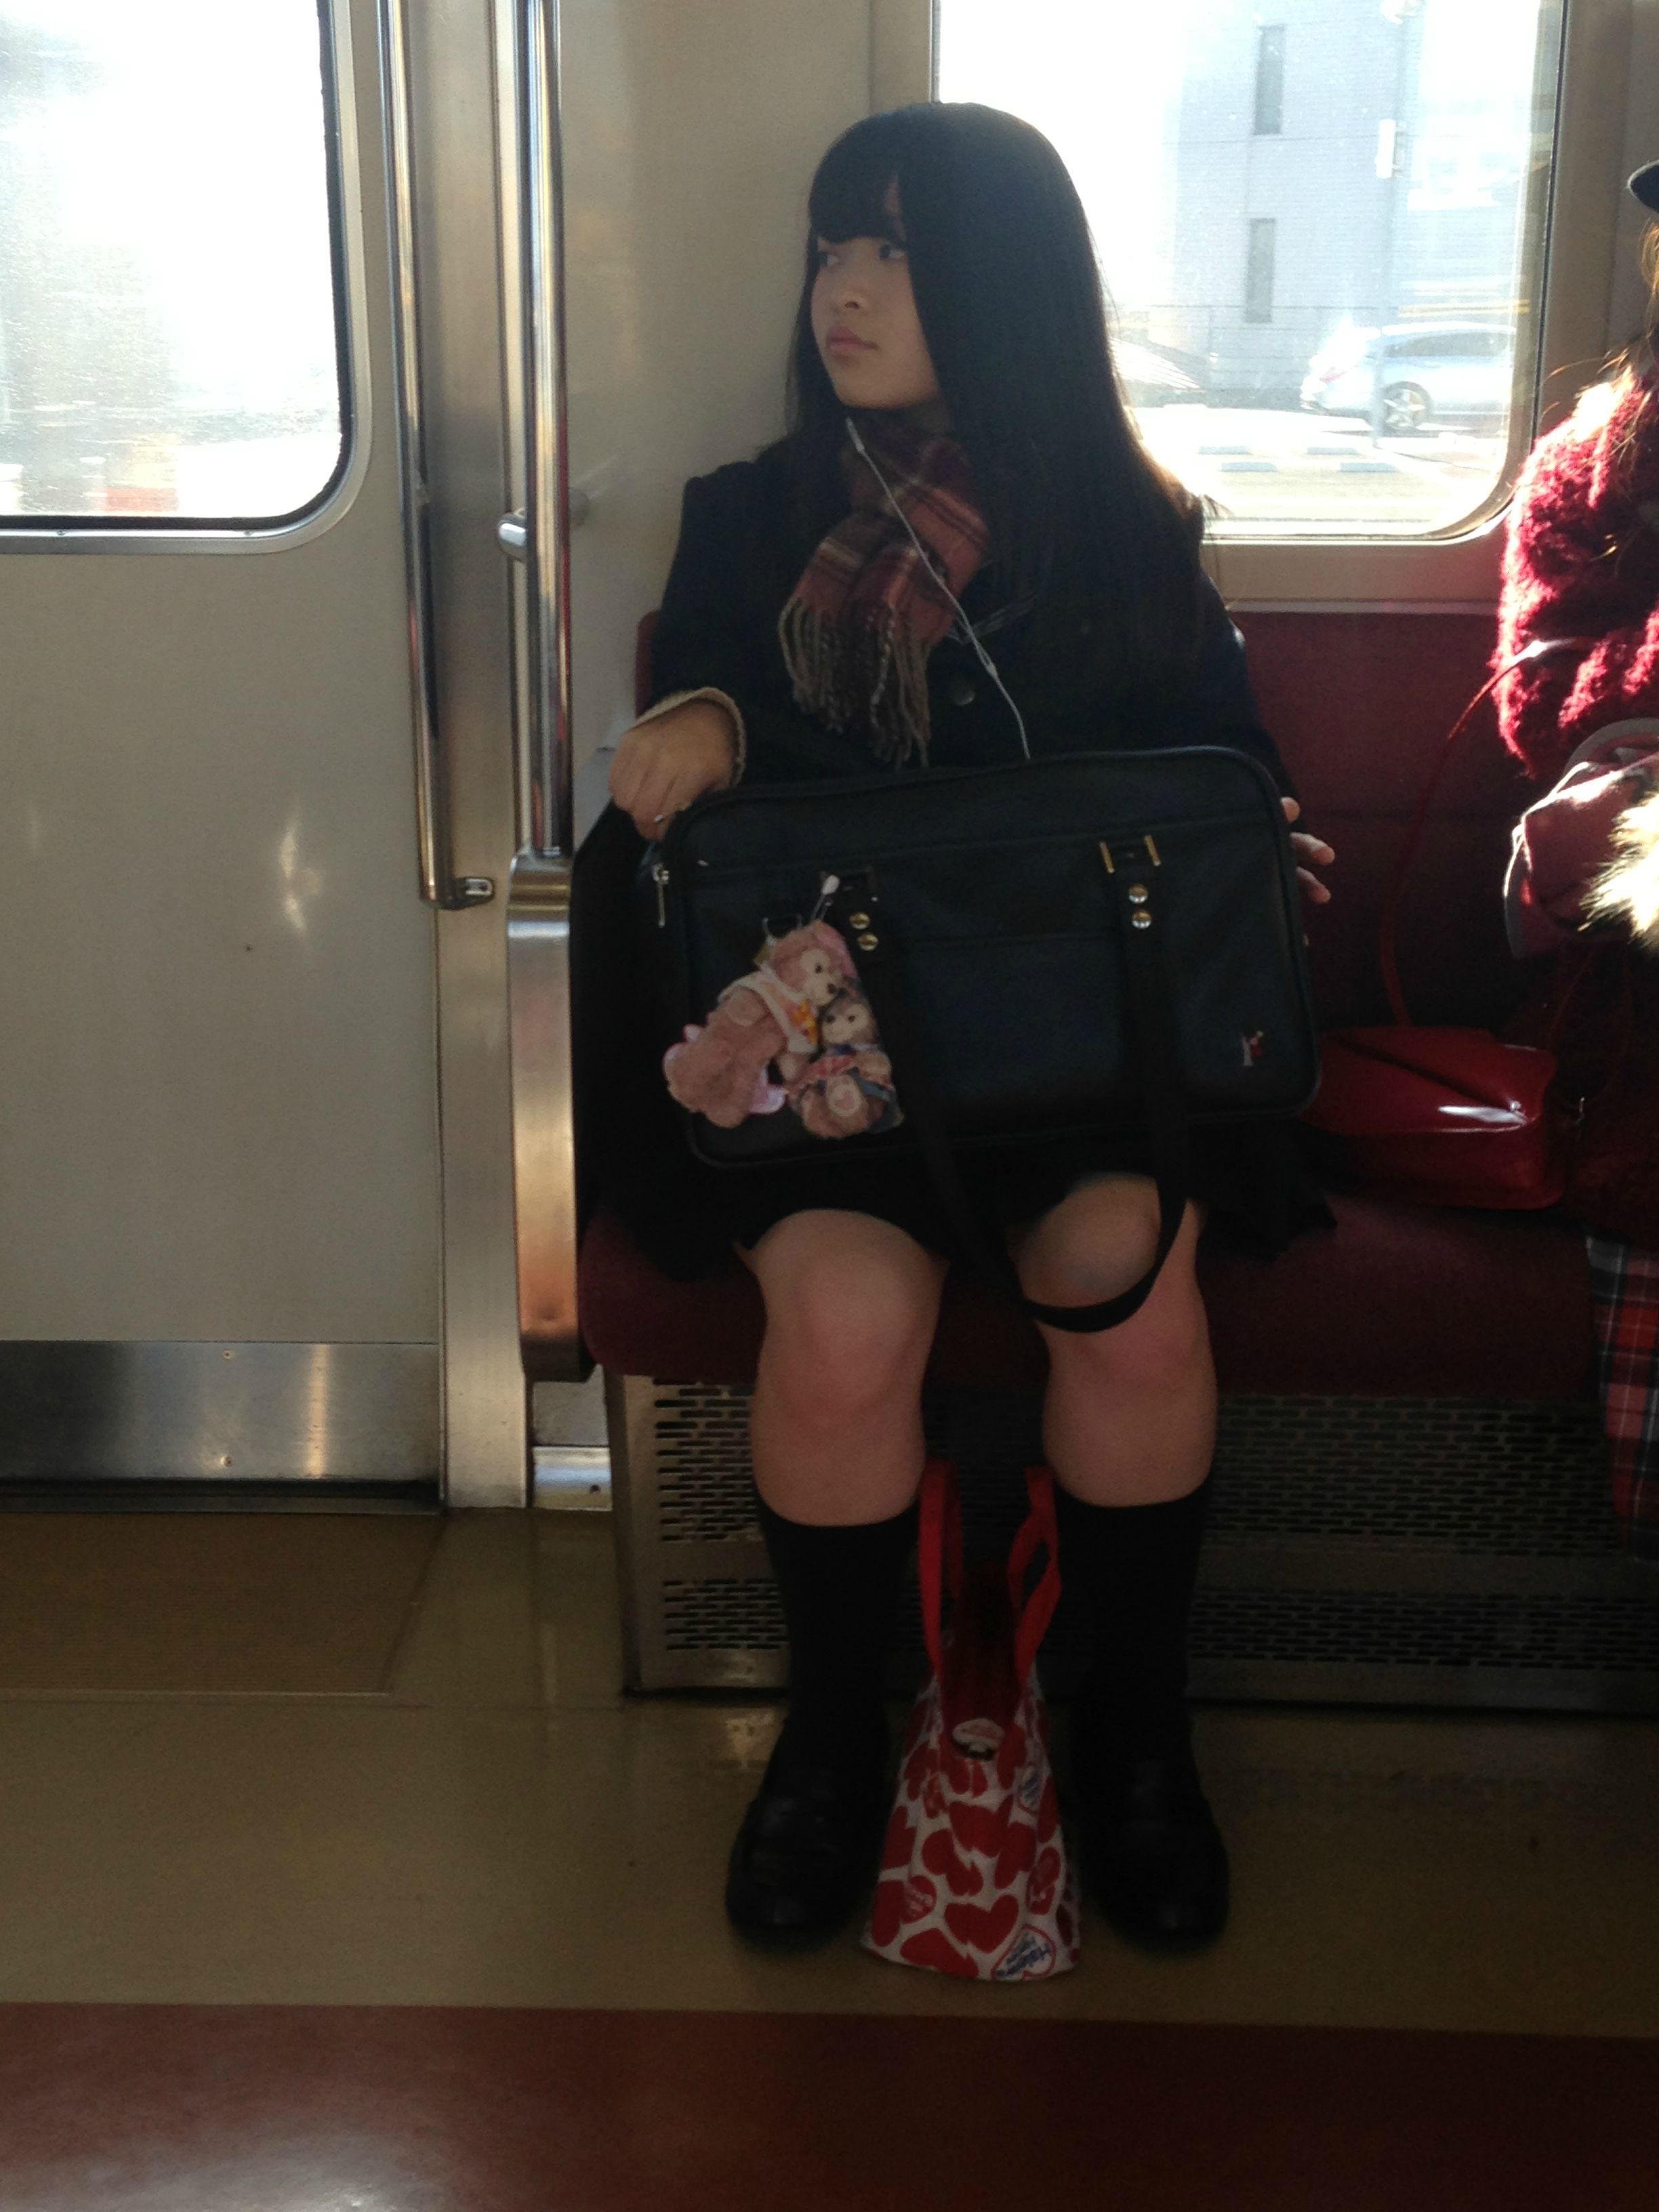 JKを電車や駅でバレないようにガン見しようね!!! uKLnDpj